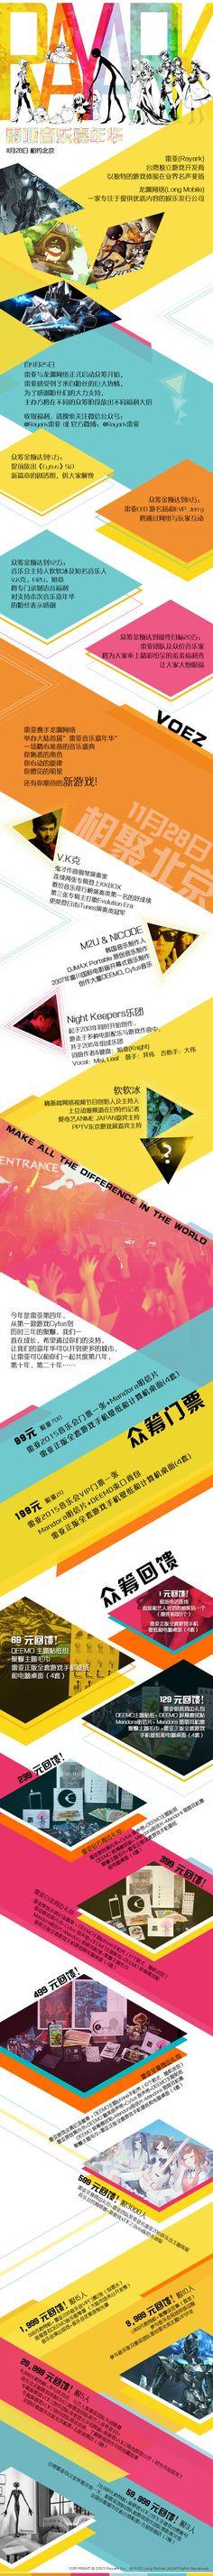 """雷亚音乐嘉年华 - http://mag.moe/31614 #M2UNICODE, #NightKeepers, #RayarkLiveConcert, #VK克, #北京, #软软冰 演出时间:2015年11月28日 周六 15:00 演出场馆:北京星光现场  雷亚携手龙渊网络举办大陆首届""""雷亚音乐嘉年华""""(Rayark Live Concert),有你熟悉的音乐,有你喜爱的明星,还有你期待的新游戏《VOEZ》,11月28日,北京星光现场,不见不散! 本次音乐嘉年华,众多人气明�"""